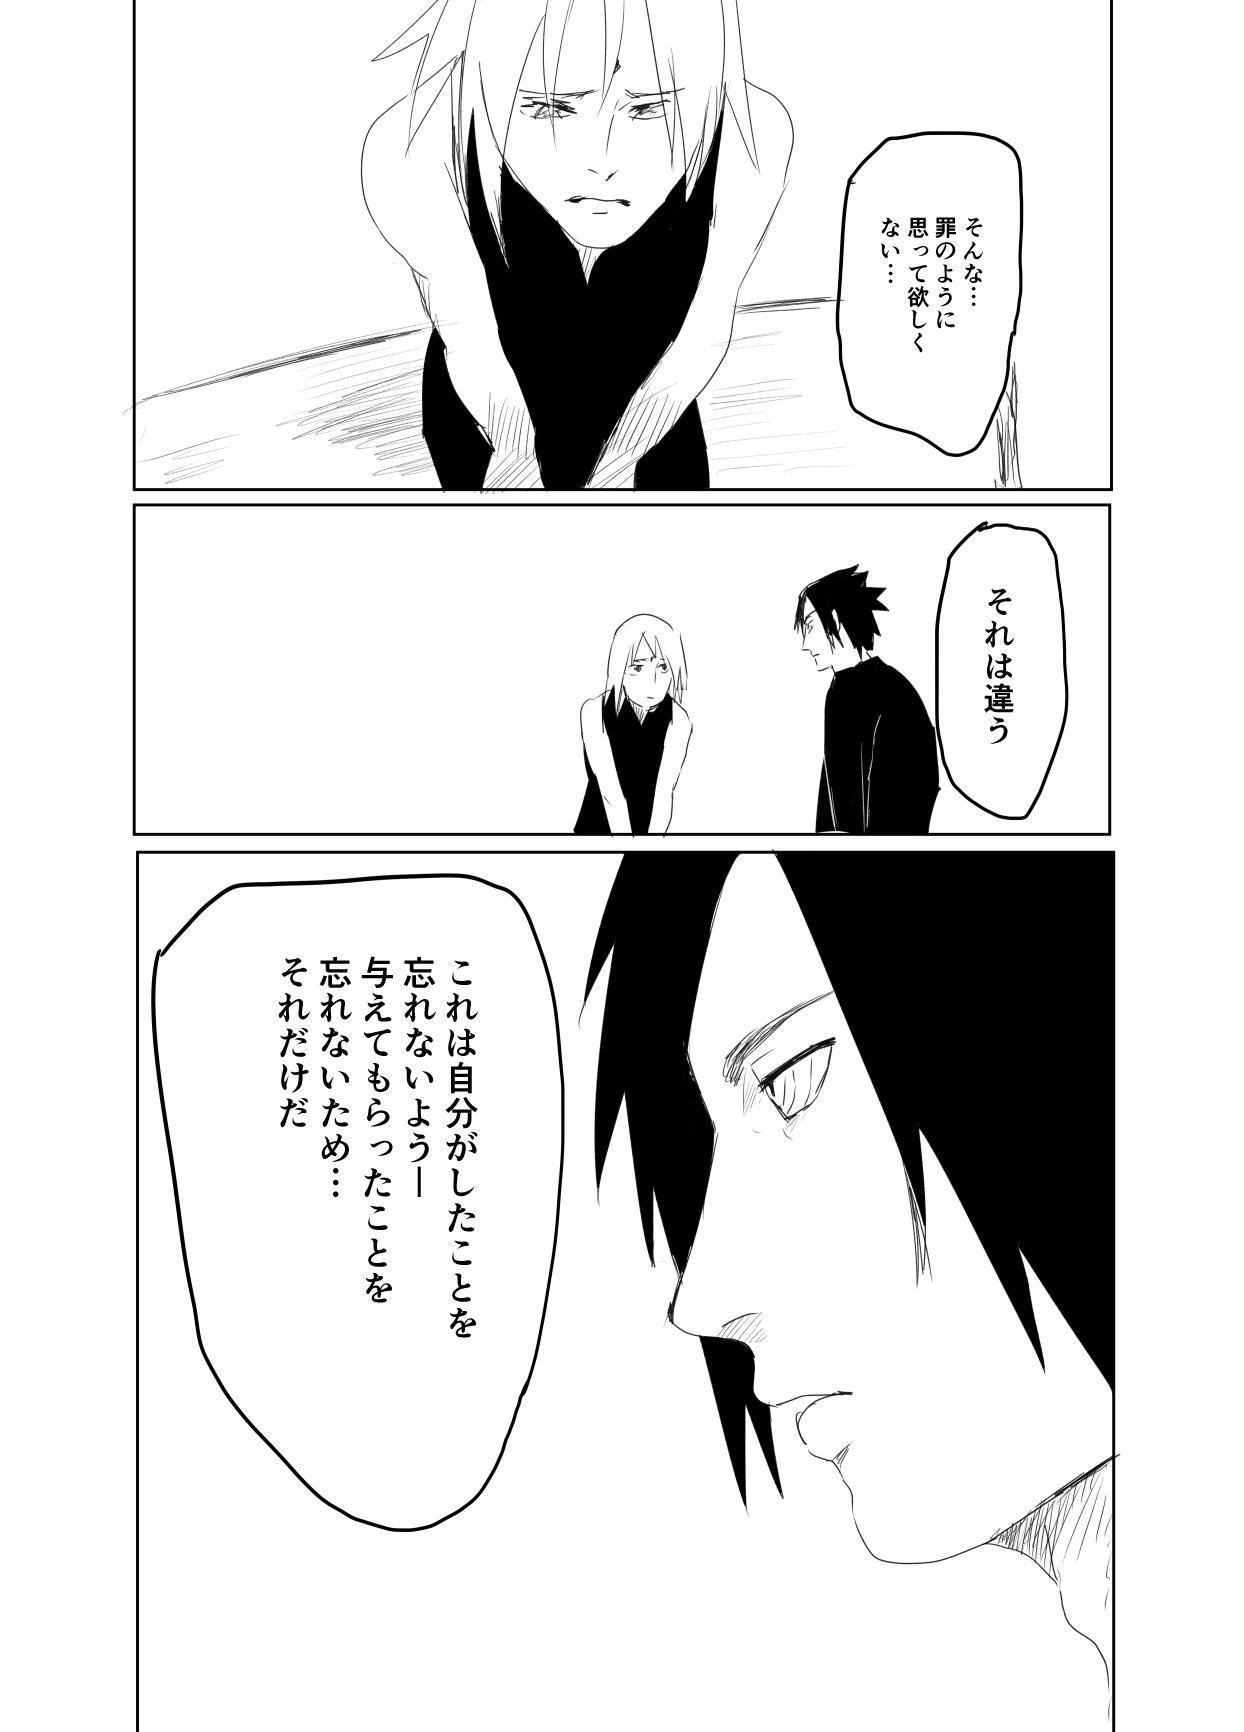 嘘告白漫画 21